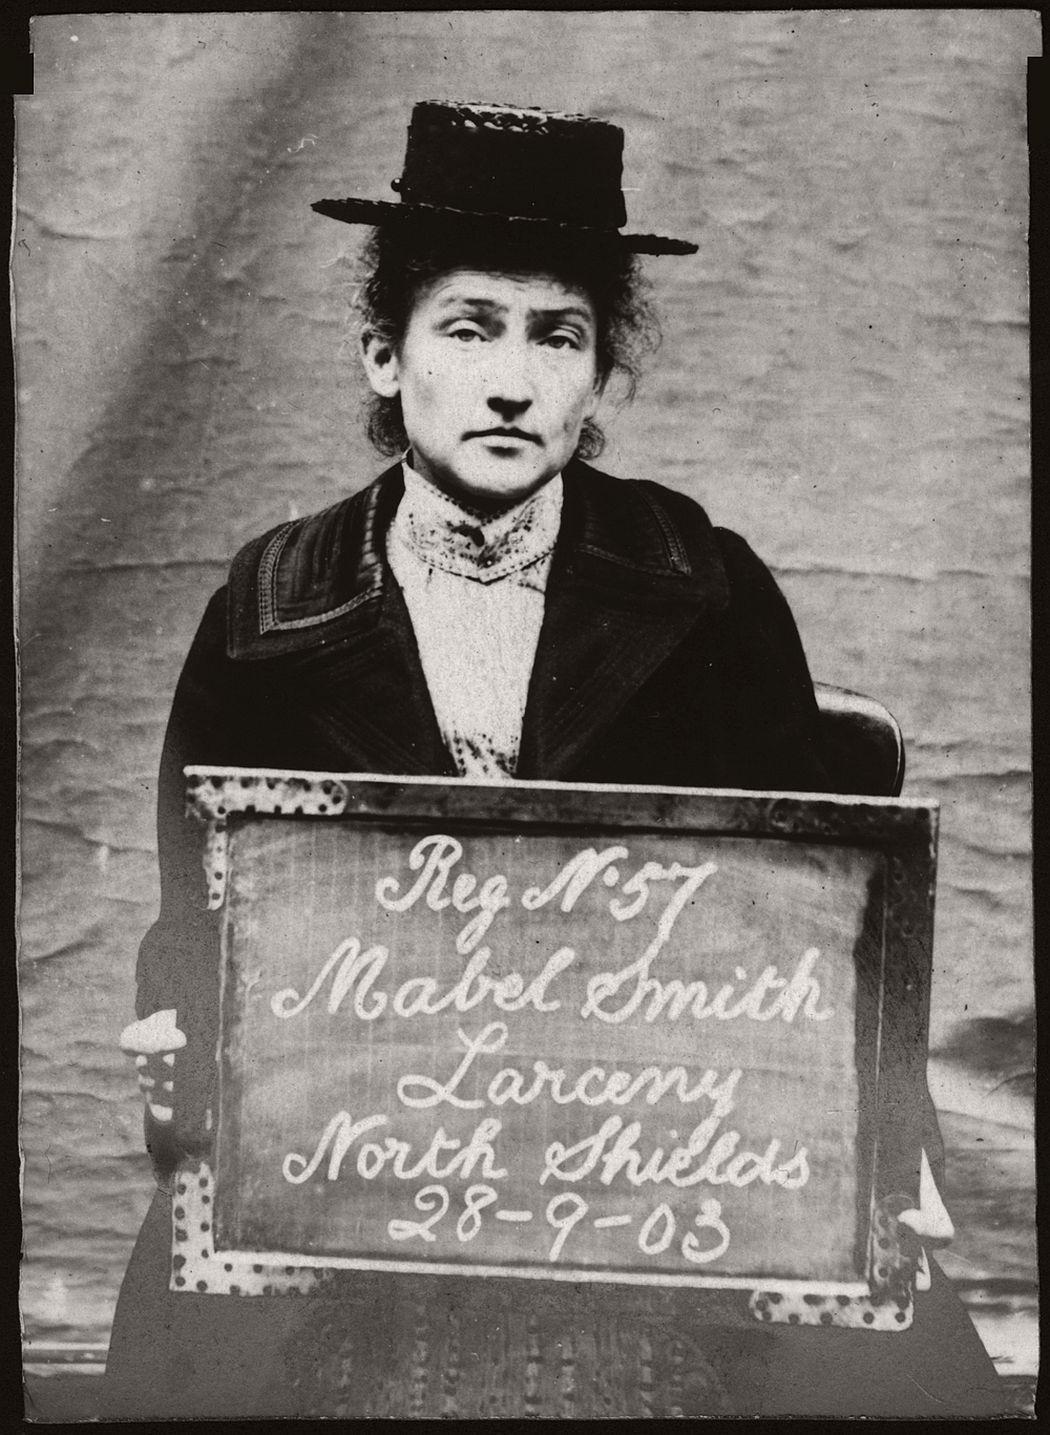 vintage-mug-shot-of-women-criminals-from-north-shields-1903-1905-09